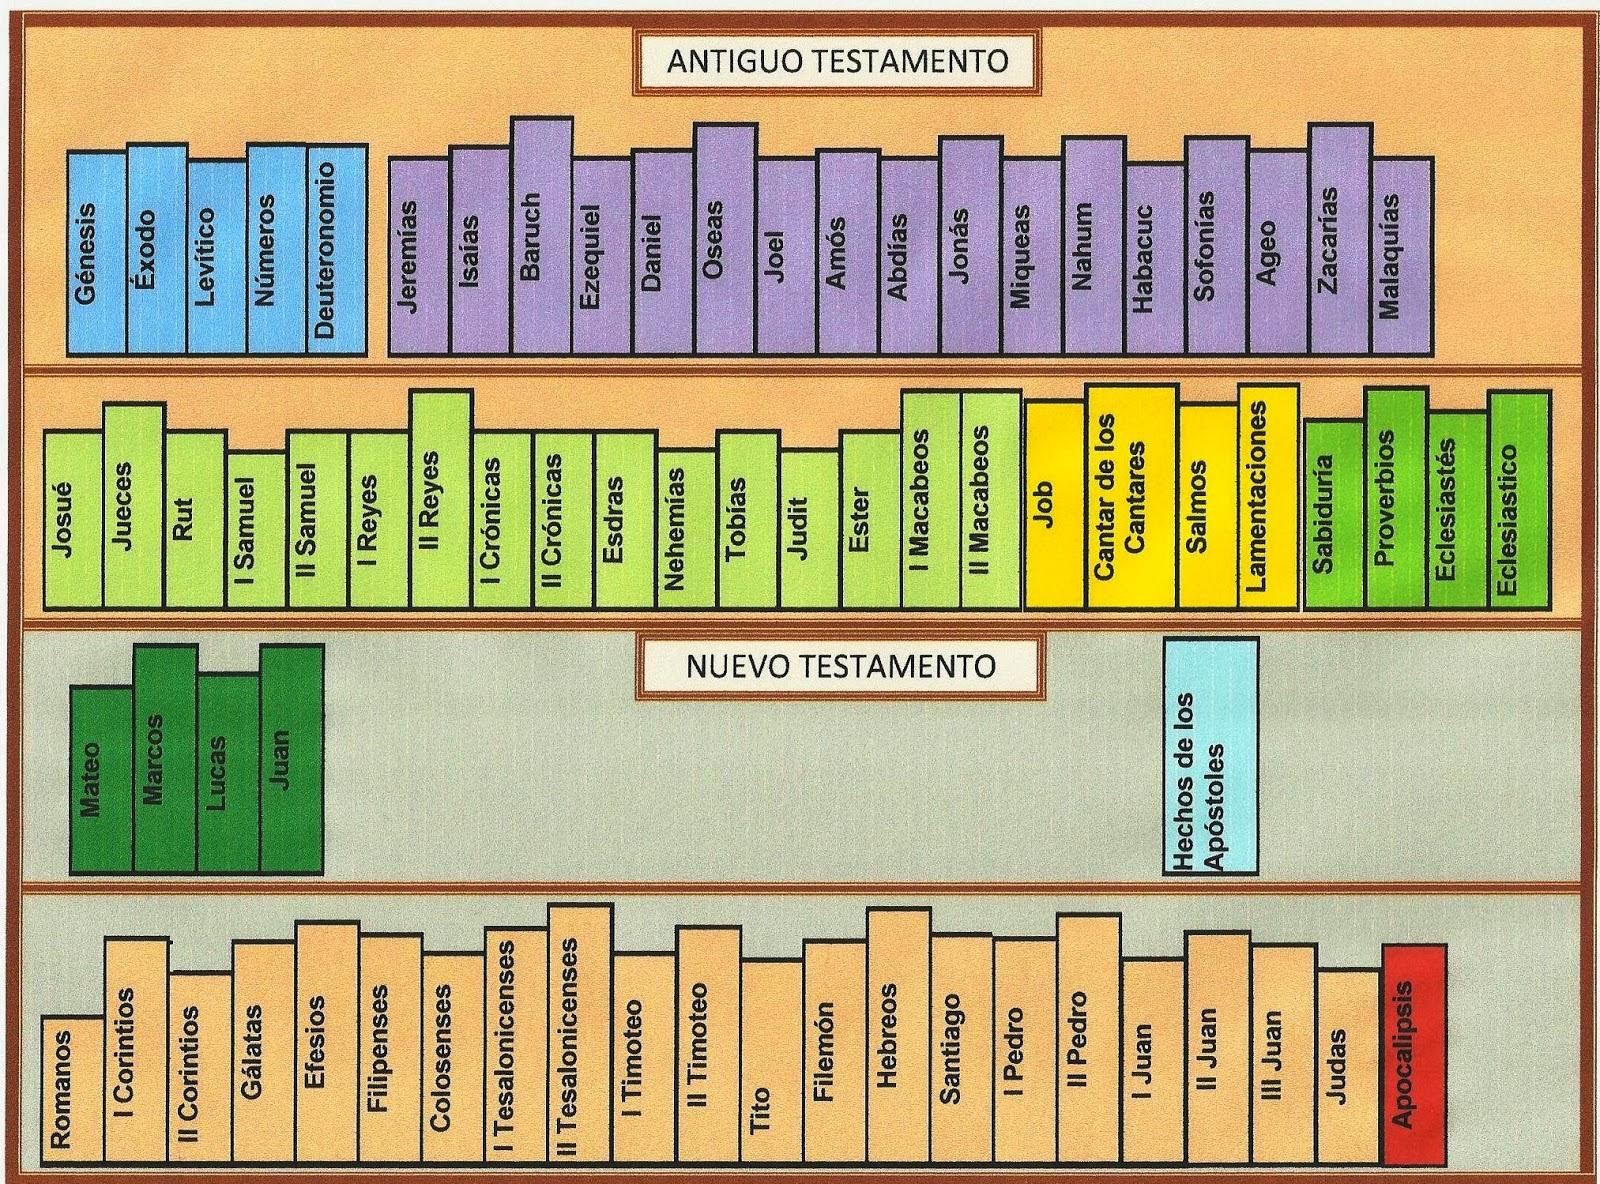 Libros de la biblia antiguo y nuevo testamento club de - Nombres clasicos espanoles ...